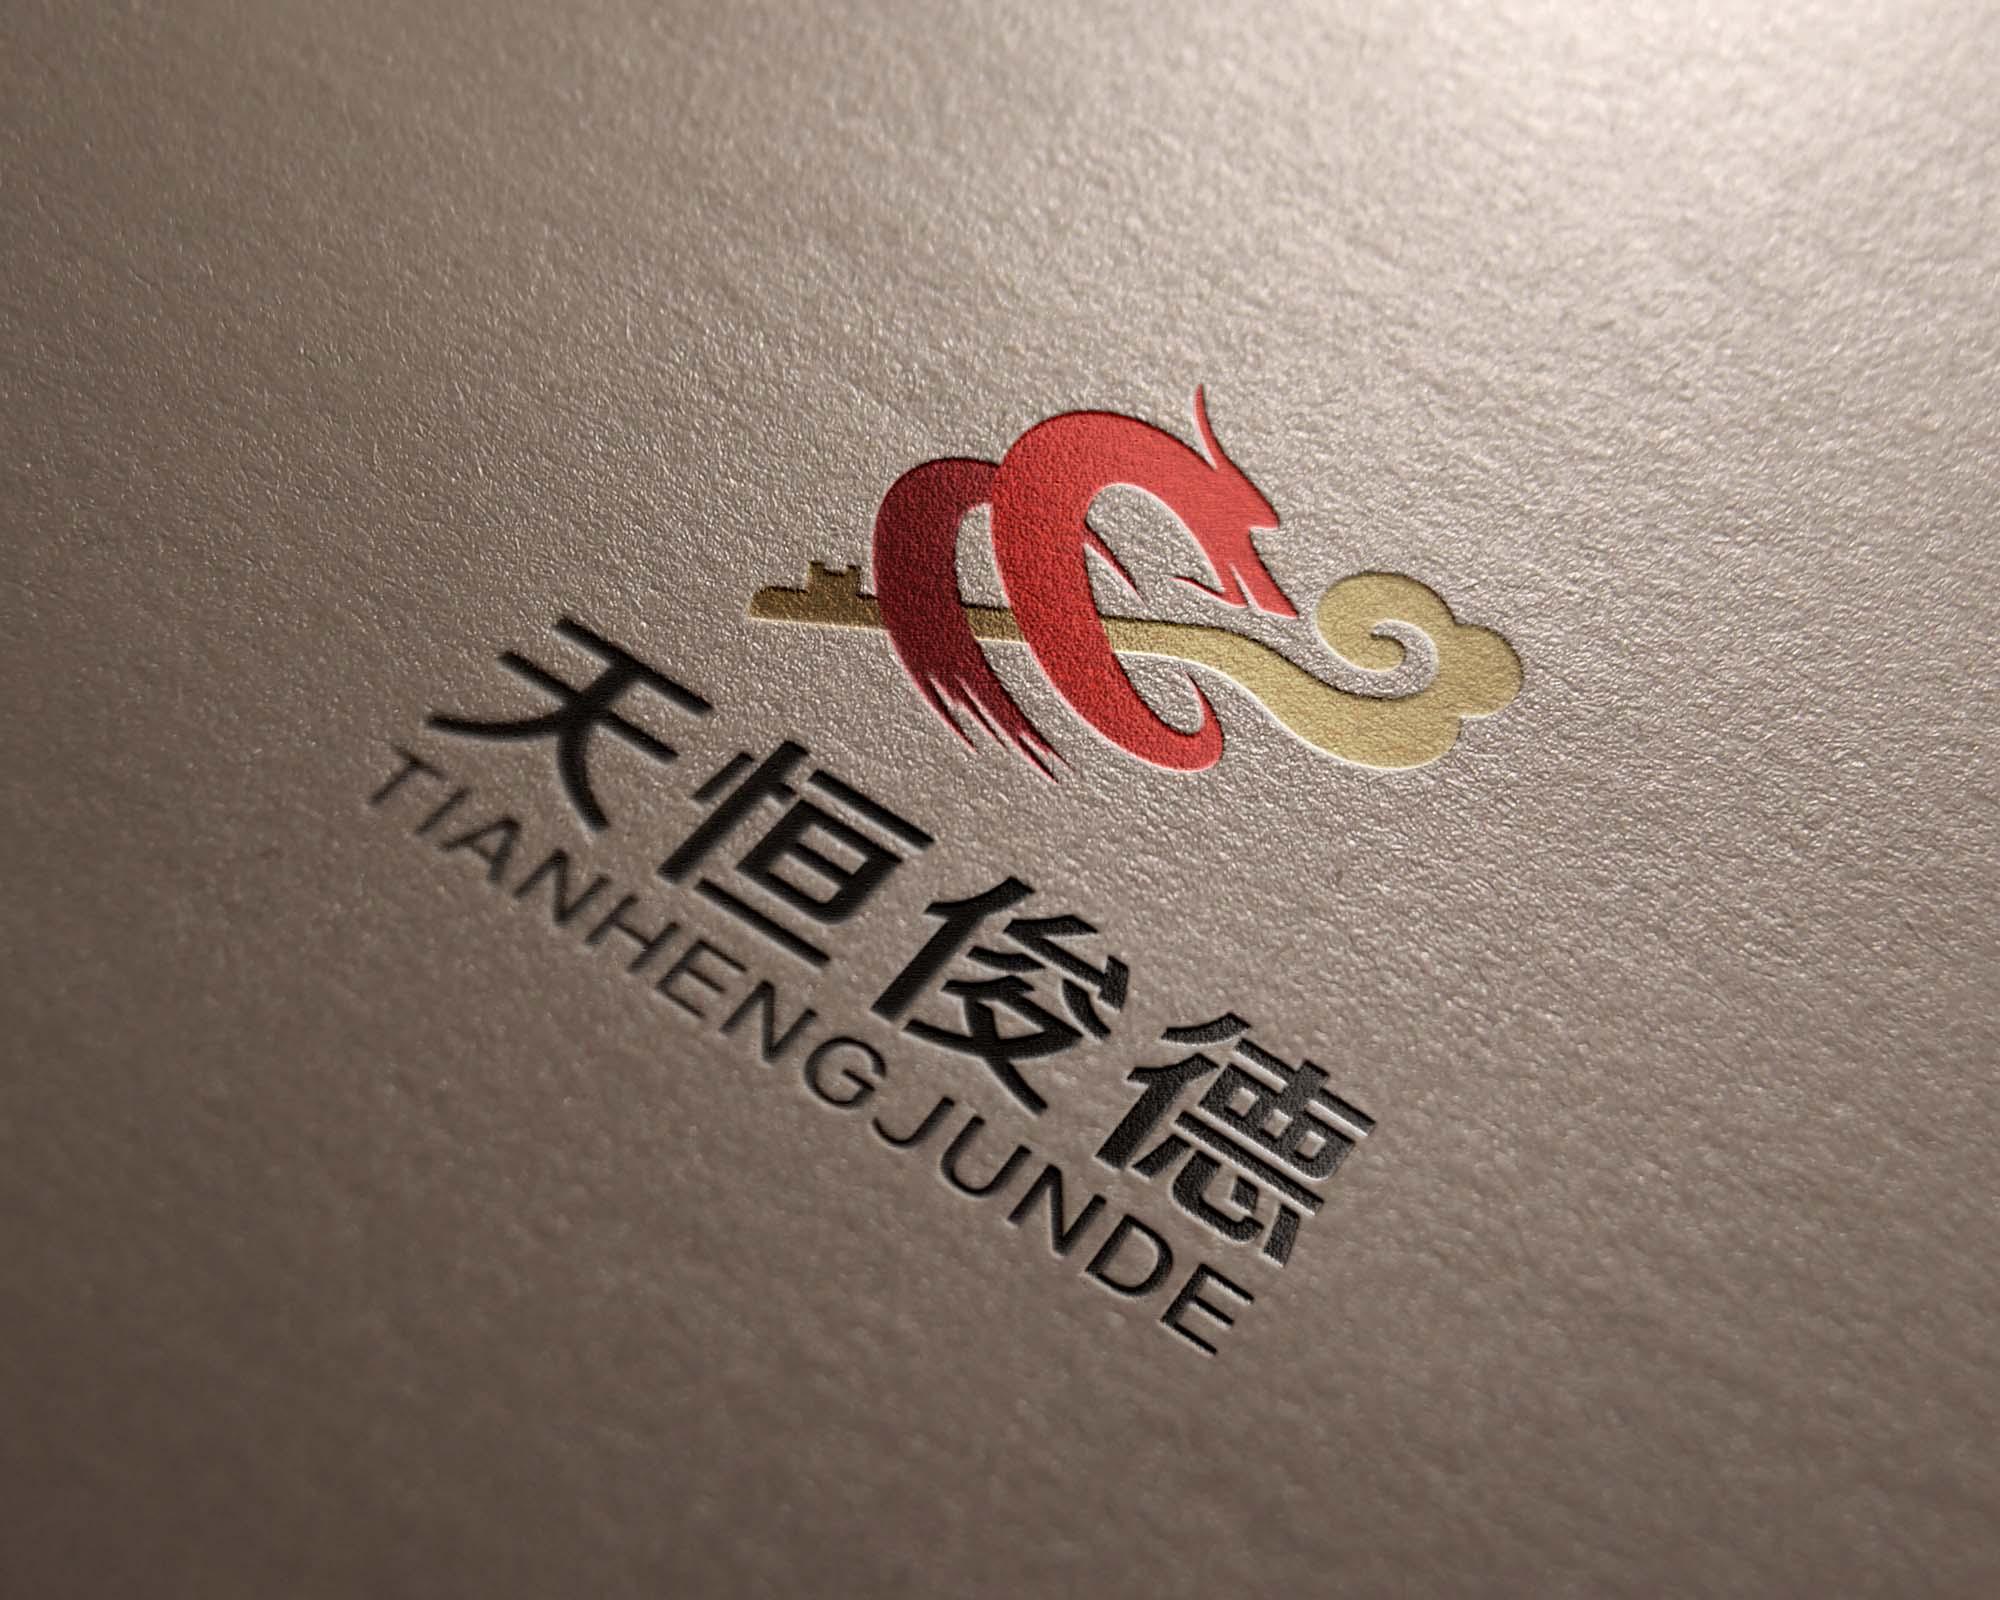 北京天恒俊德物业管理有限公司LOGO_3030282_k68威客网